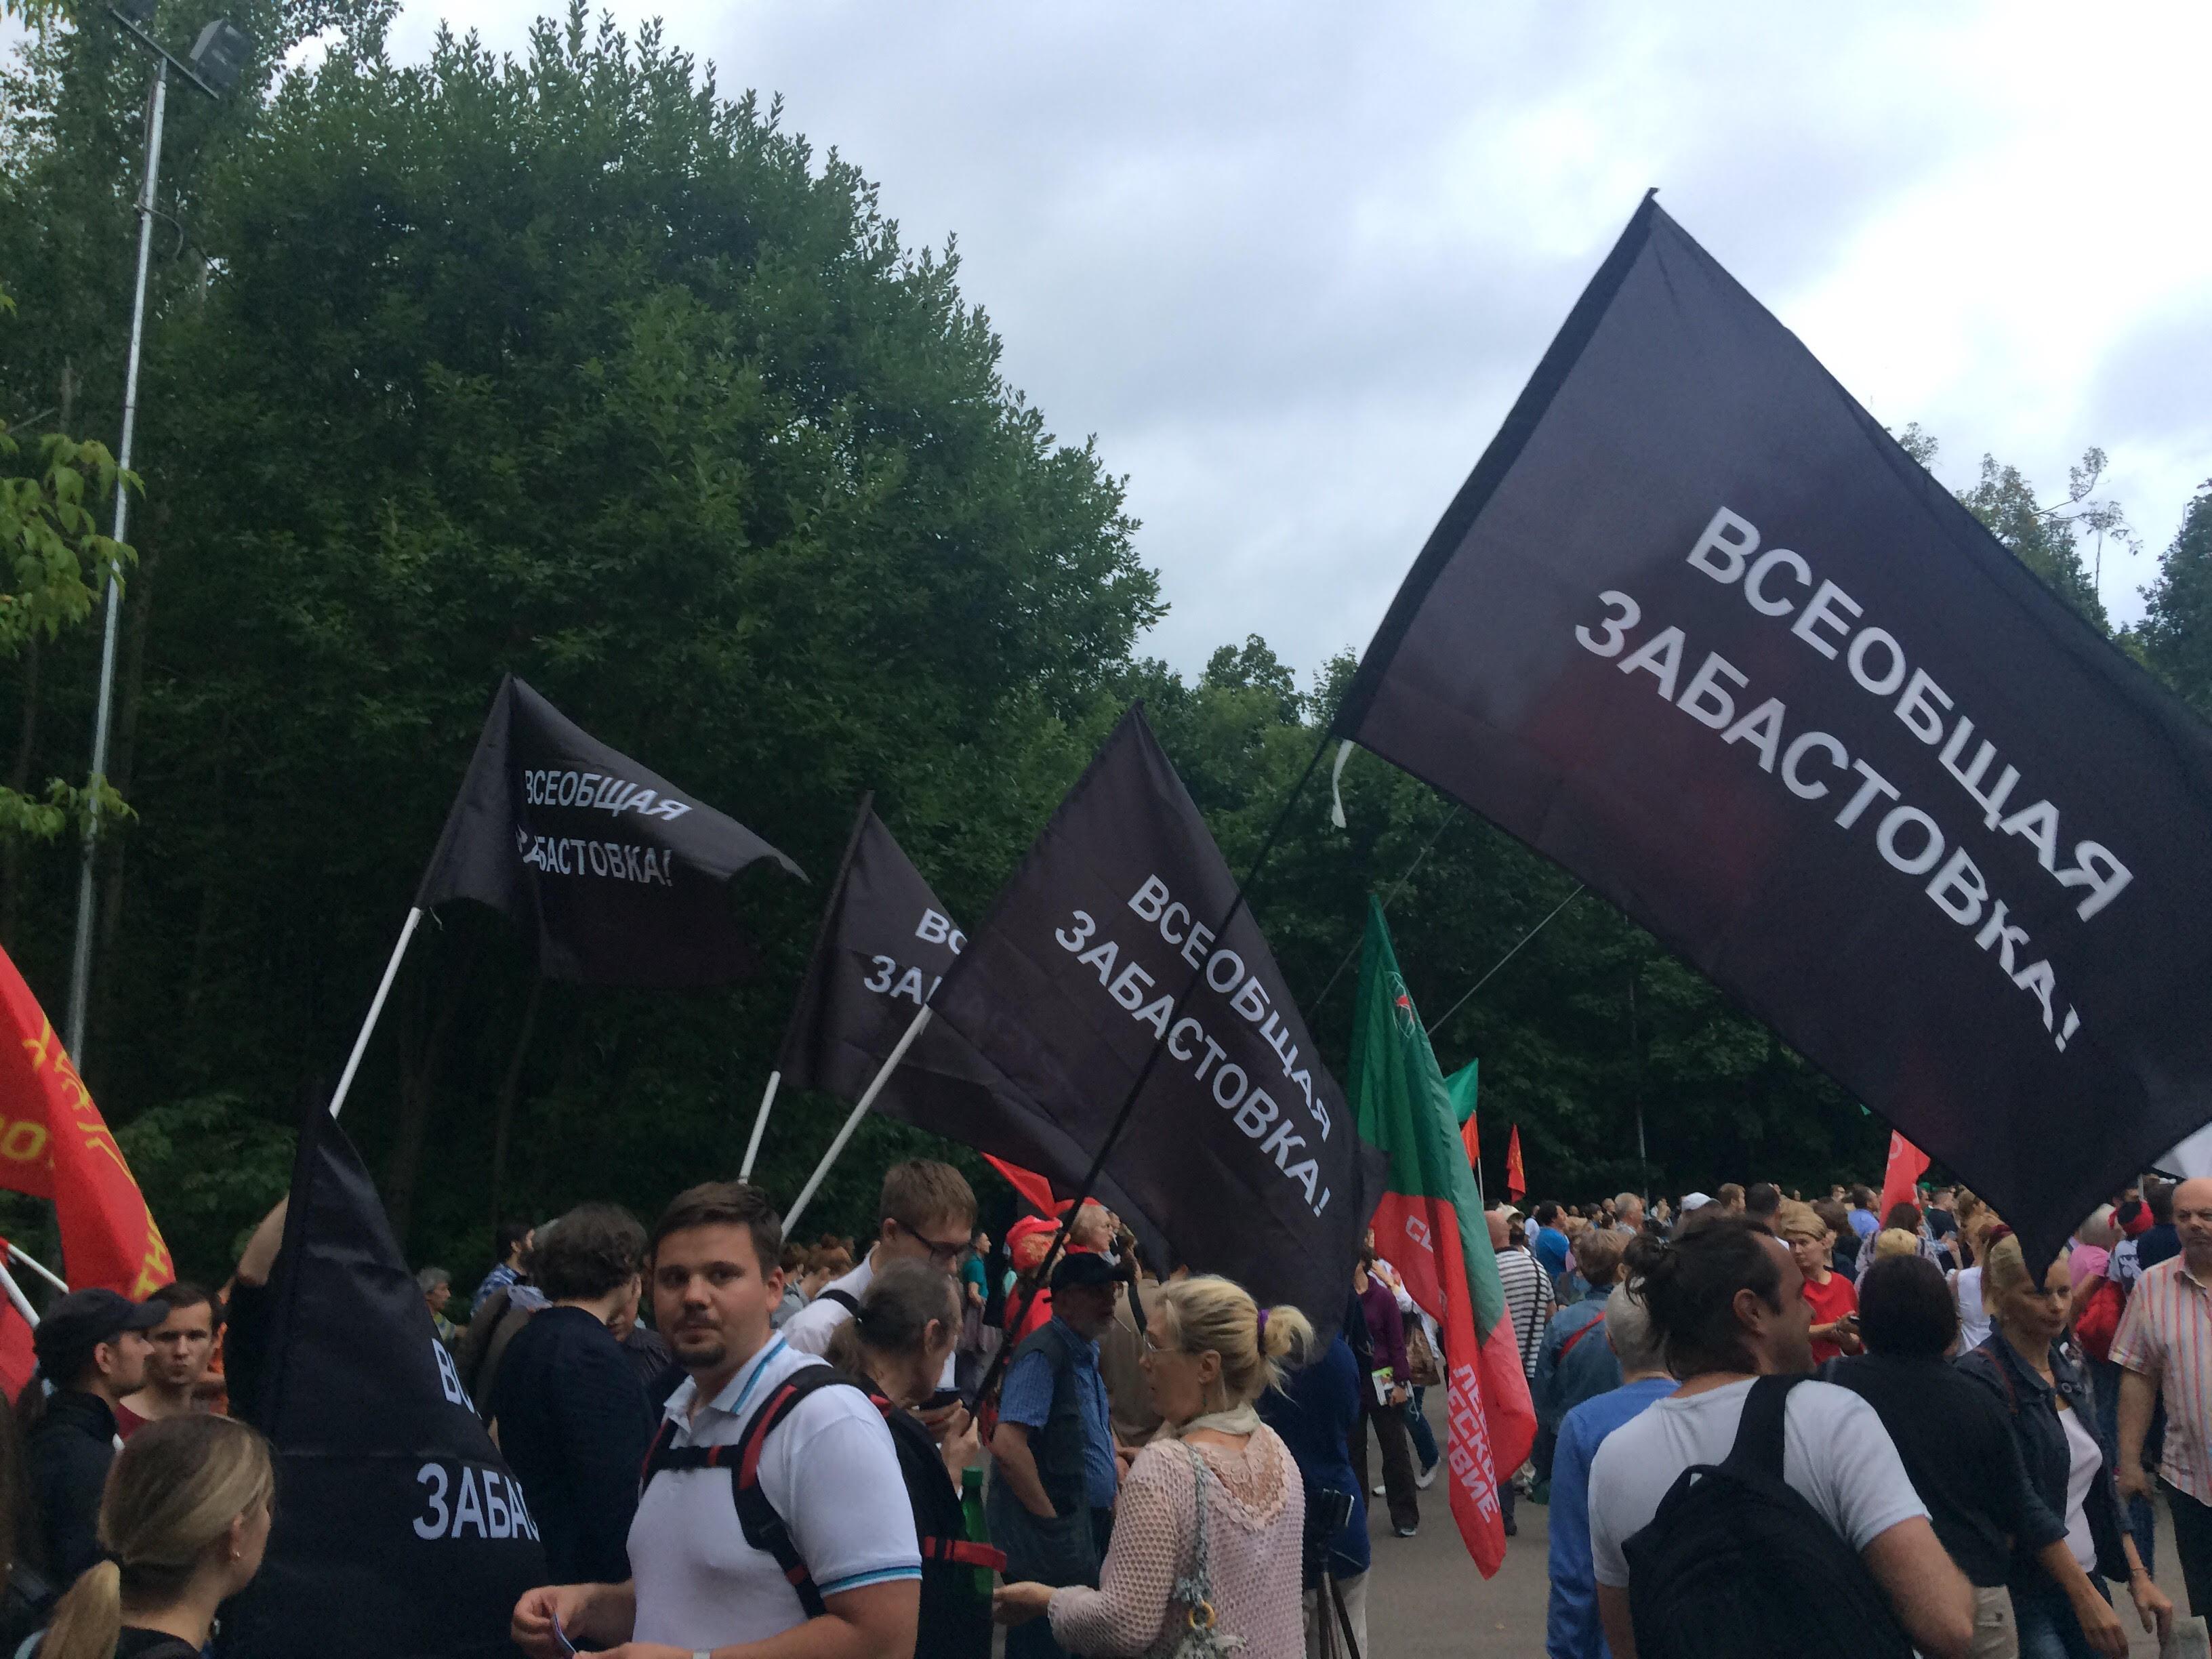 Москва: Анархо-синдикалисты агитируют за всеобщую стачку на митинге против пенсионной реформы